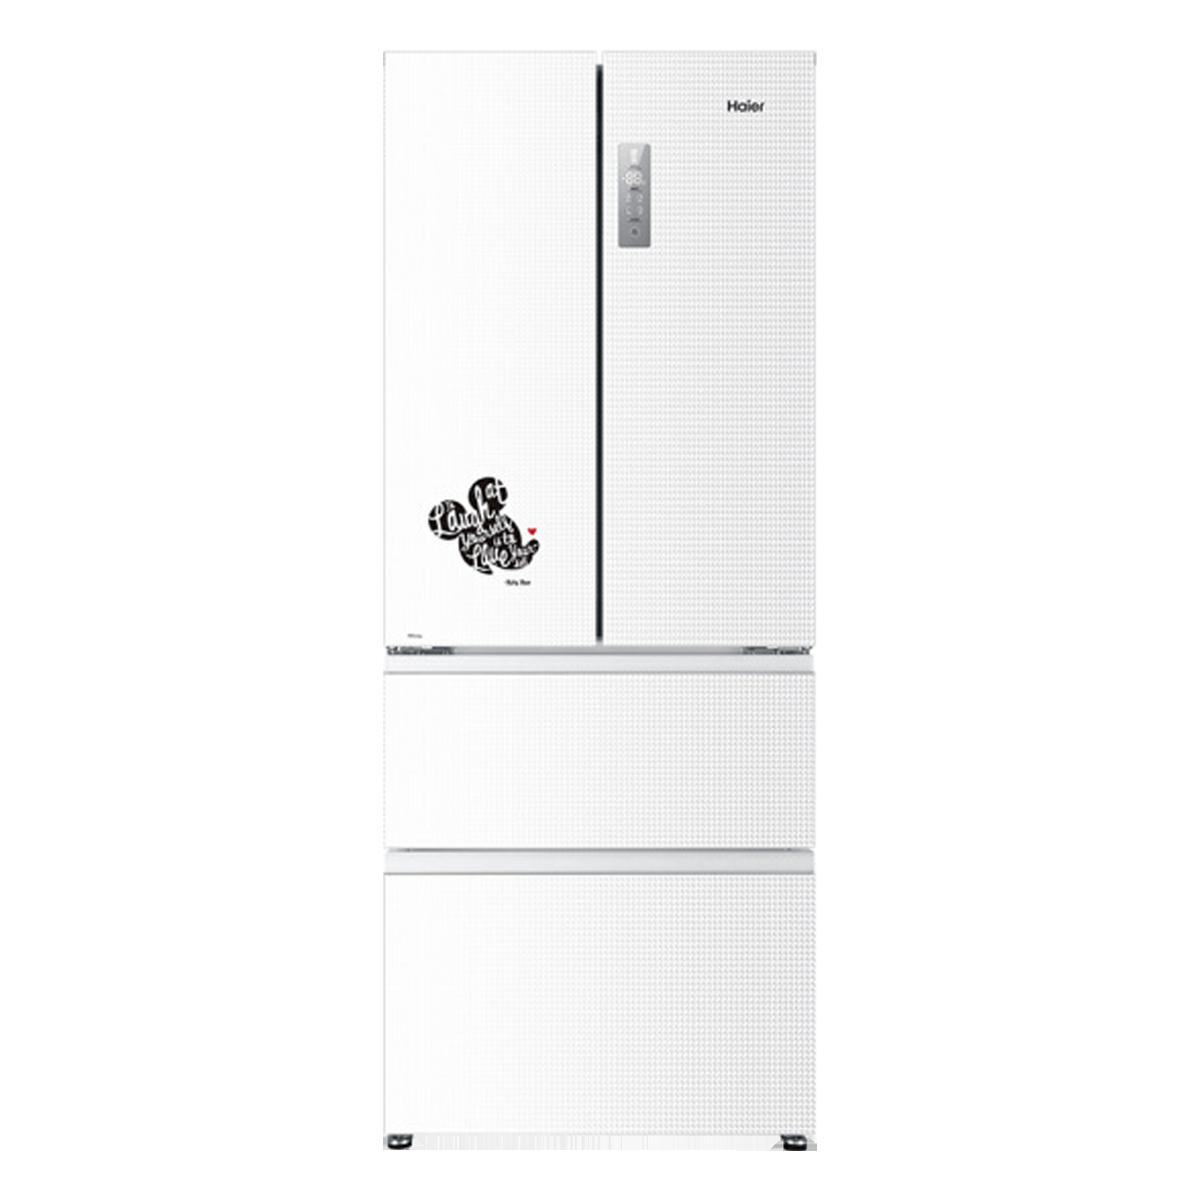 海尔Haier冰箱 BCD-403WDMA(DZ) 说明书